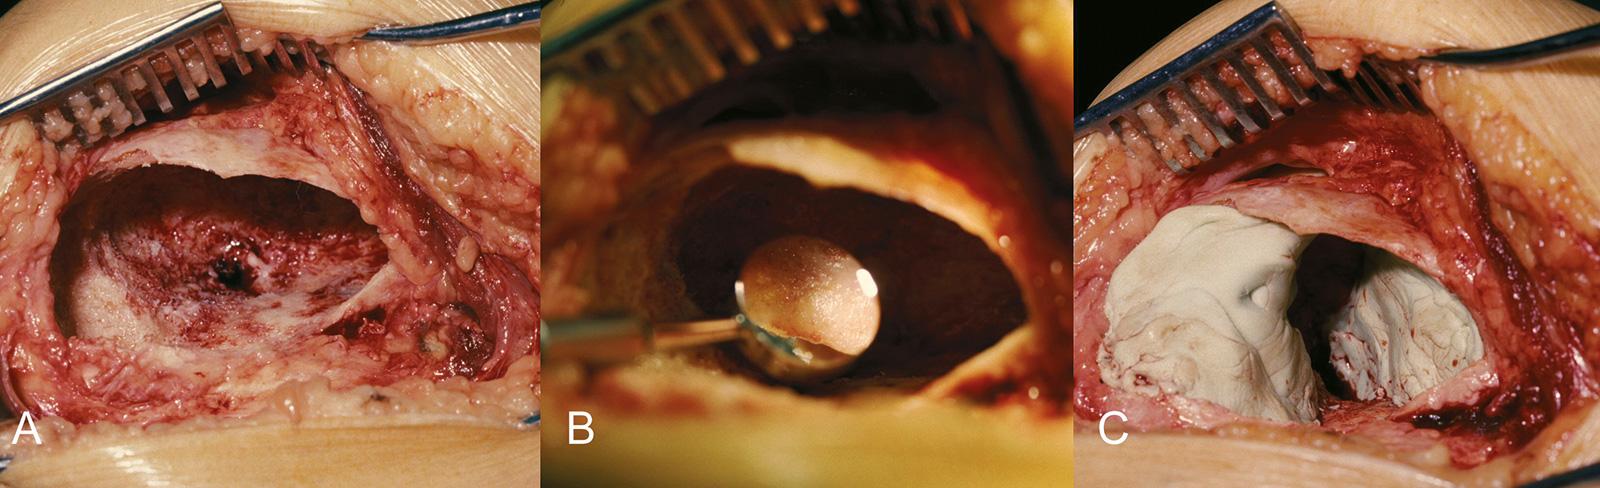 Abb. 8-30: Kürettage eines Riesenzelltumors (A), mit einem Zahnarztspiegel können auch kleine Restanteile des Tumors in den Randbereichen nachgewiesen werden (B), Zementauffüllung des Defekts (C)